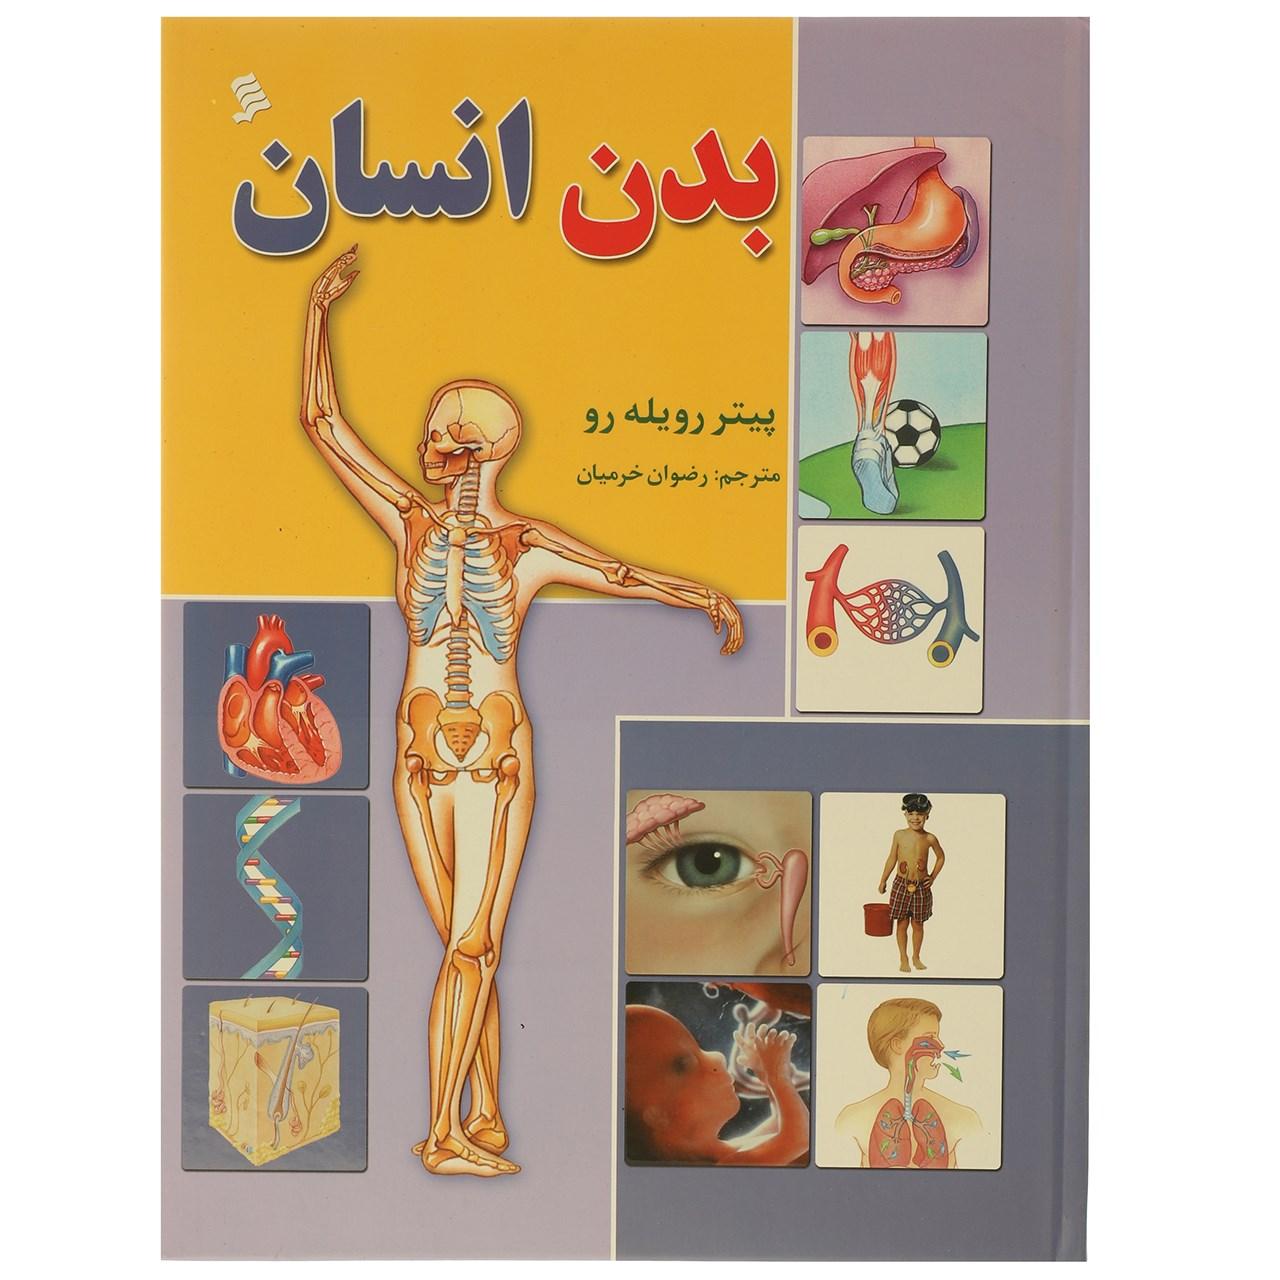 کتاب بدن انسان اثر پیتر رویله رو